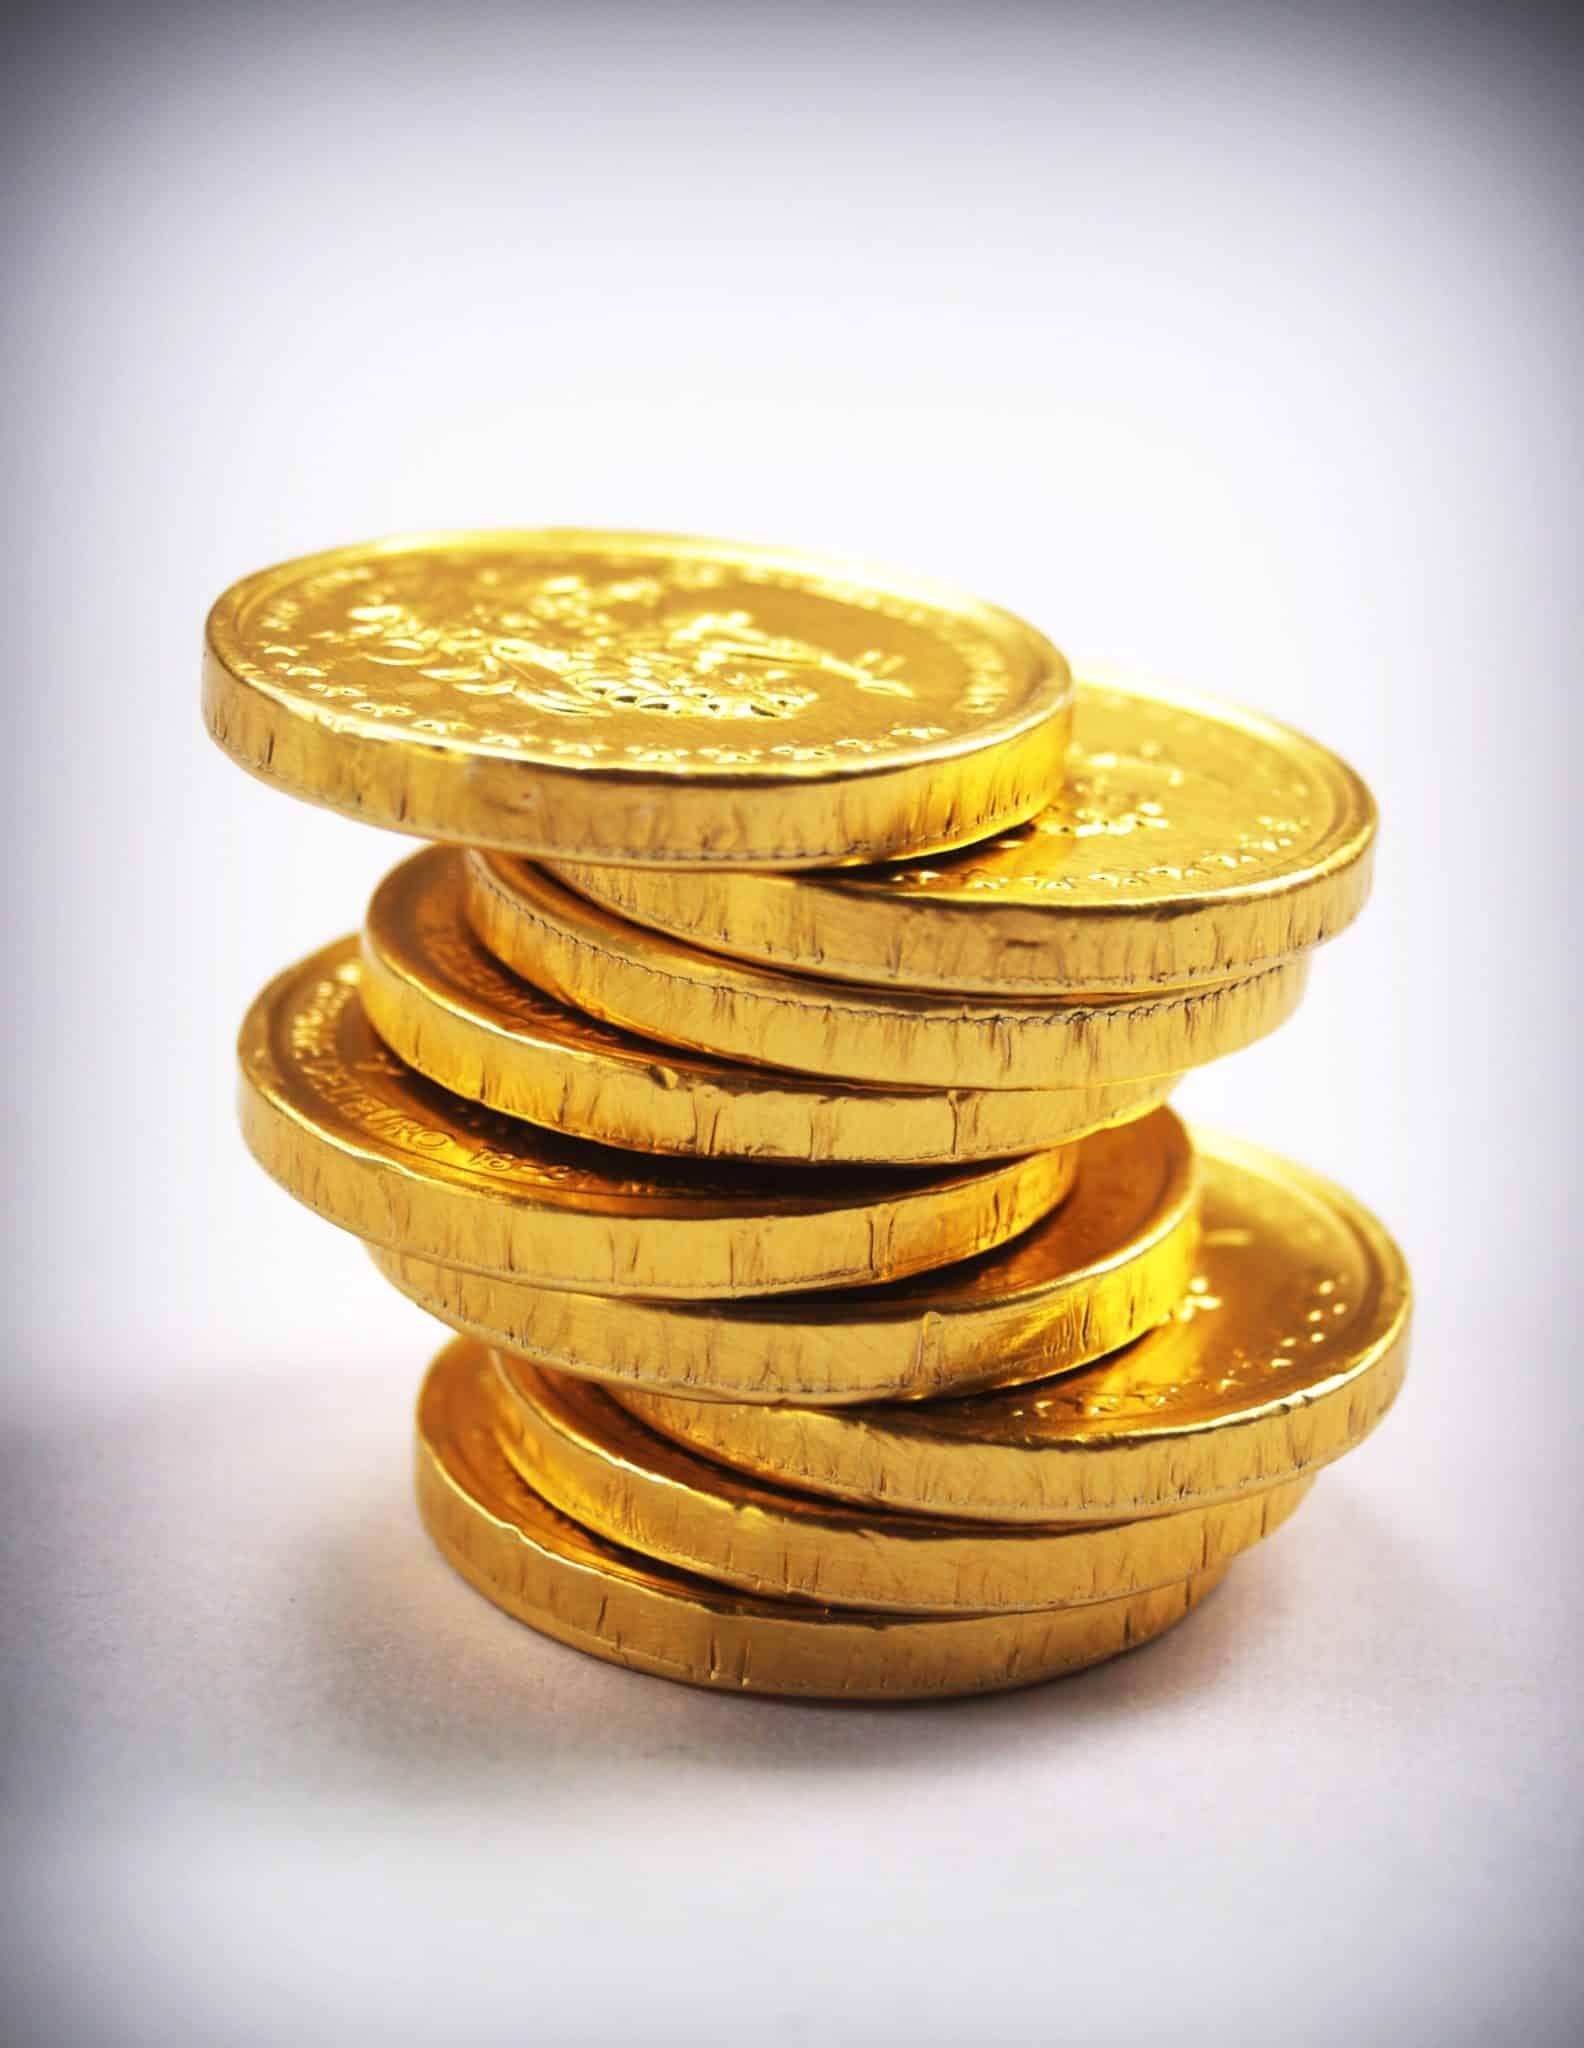 Private Vorsorge und die Anlage Gold